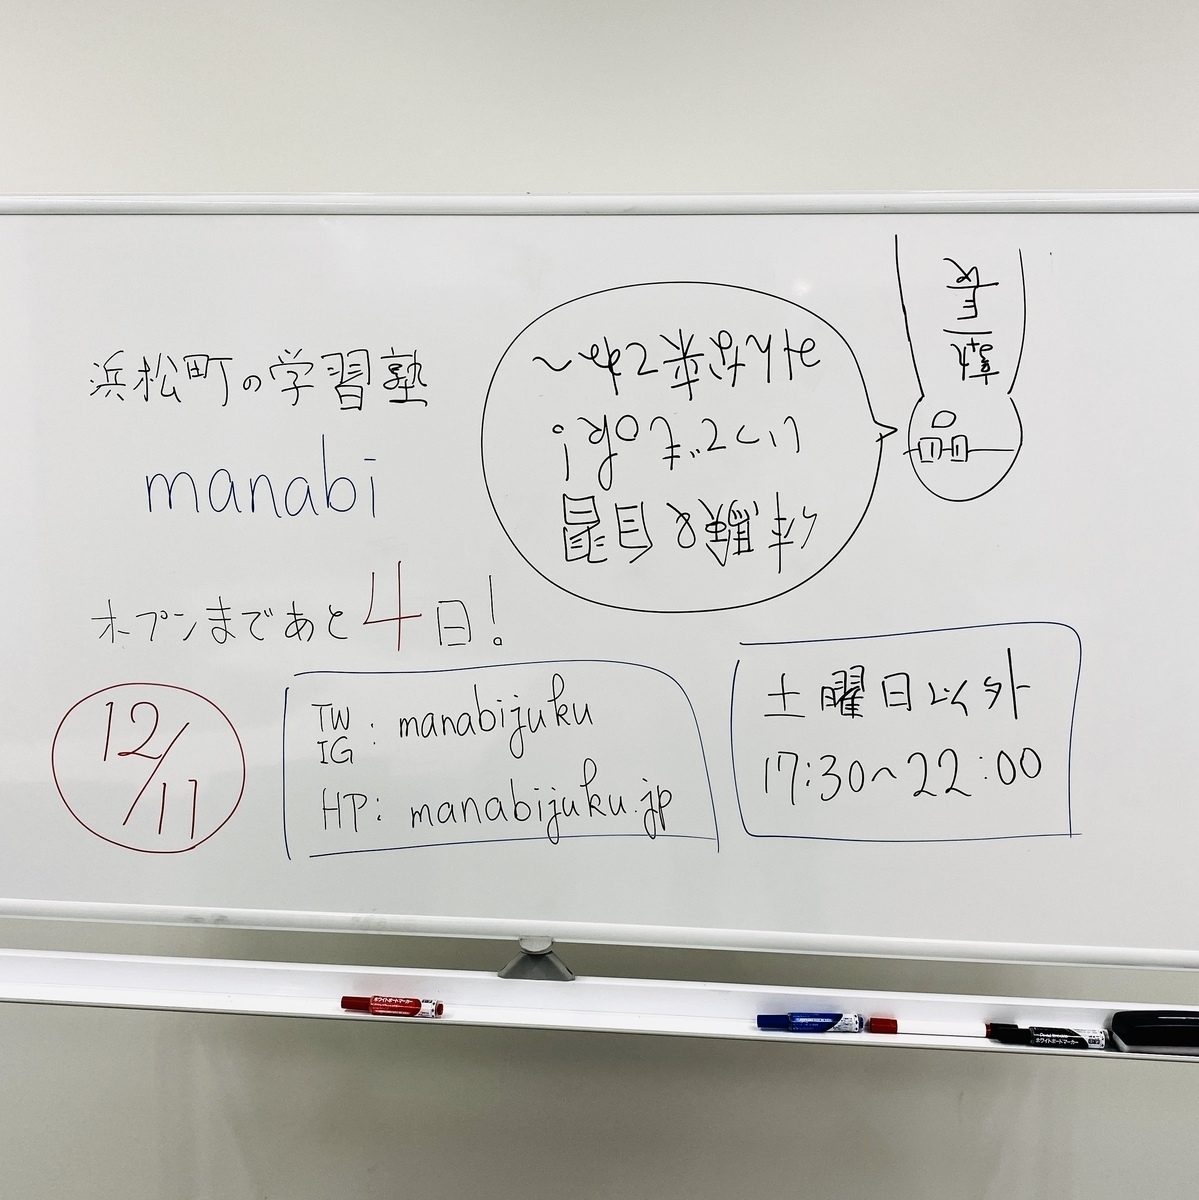 f:id:shunsukehayashi:20191207213047j:plain